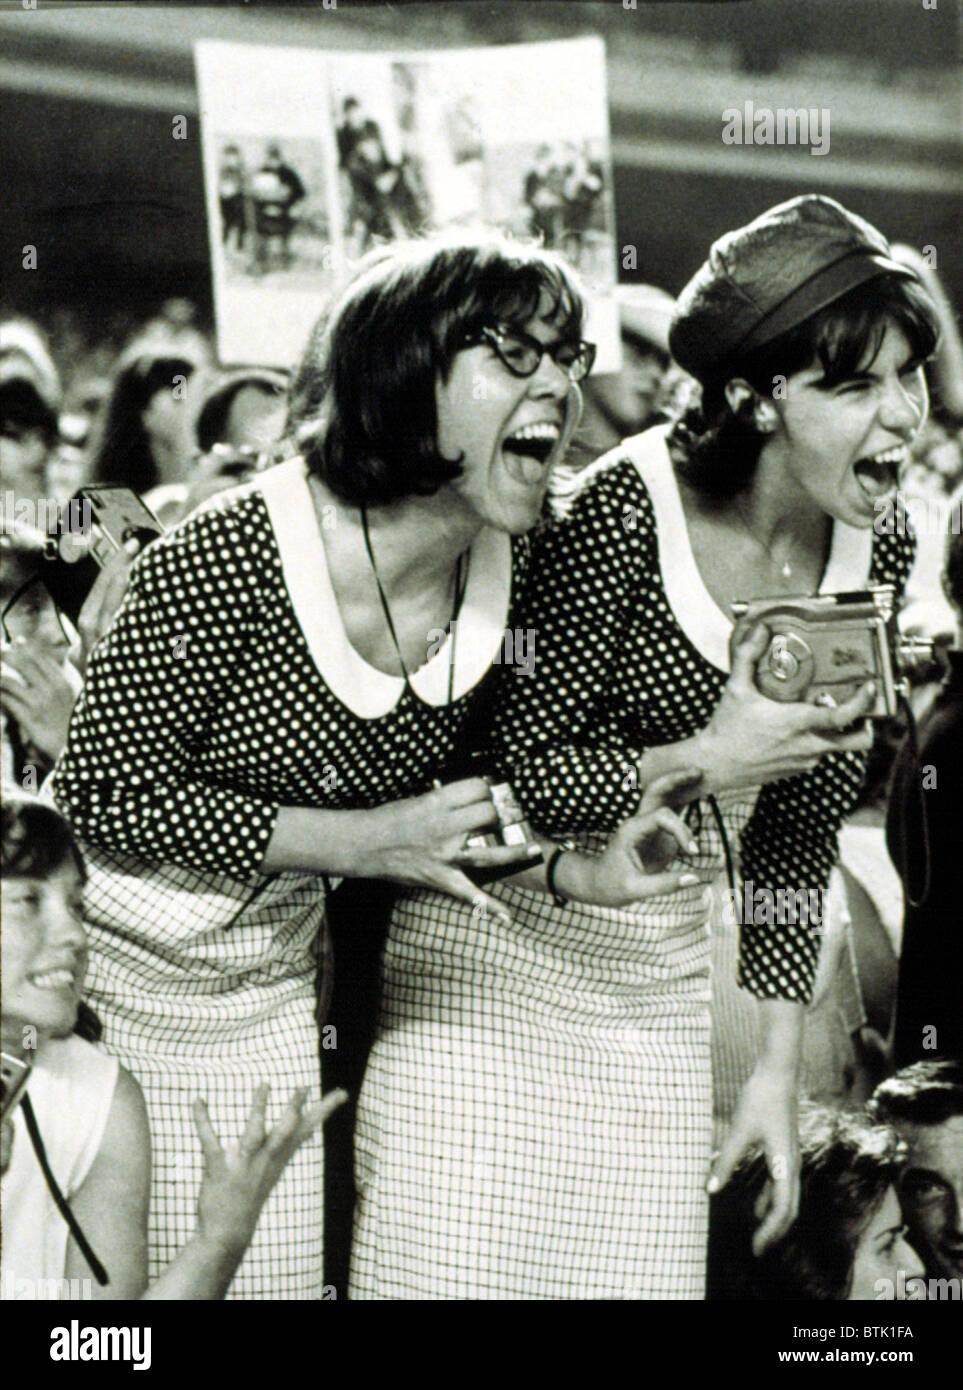 """Los fans de The Beatles gritar en un concierto en el estadio Shea, NY, 8/15/65, mostrando lo que es llamado """"Beatlemania"""". Foto de stock"""